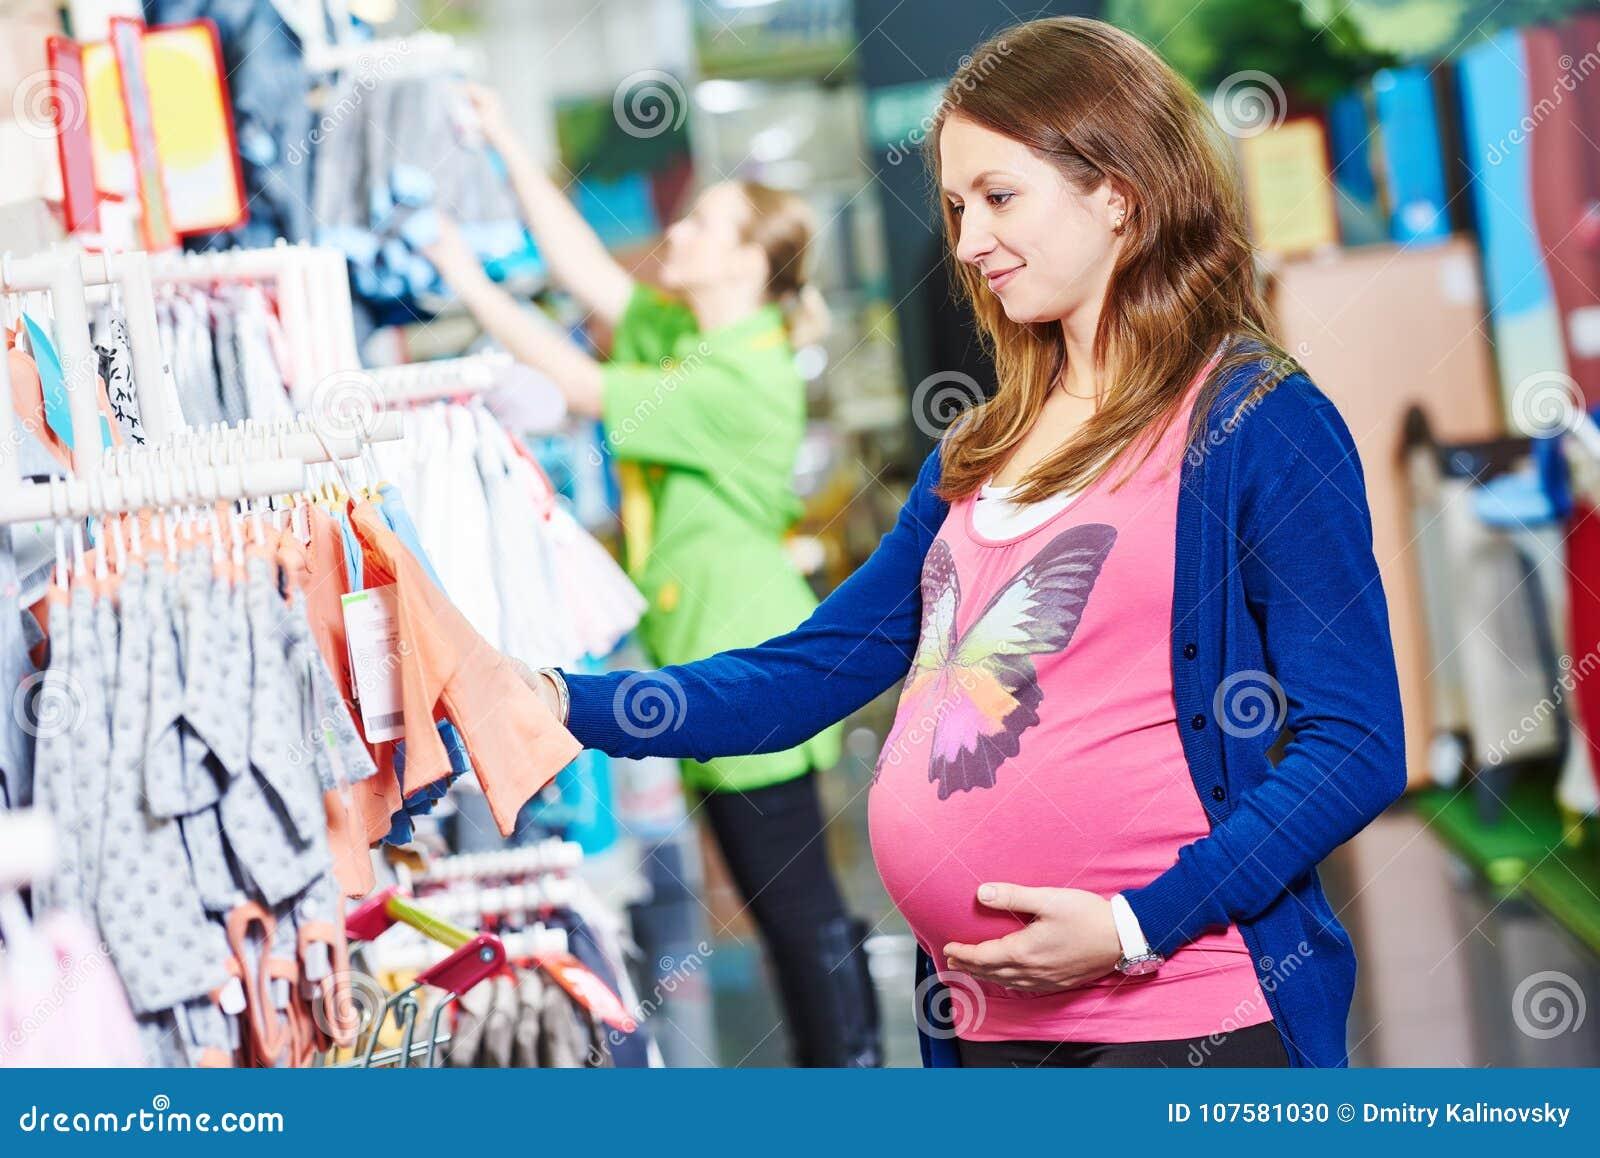 Νέα γυναίκα που ψωνίζει κατά τη διάρκεια της εγκυμοσύνης